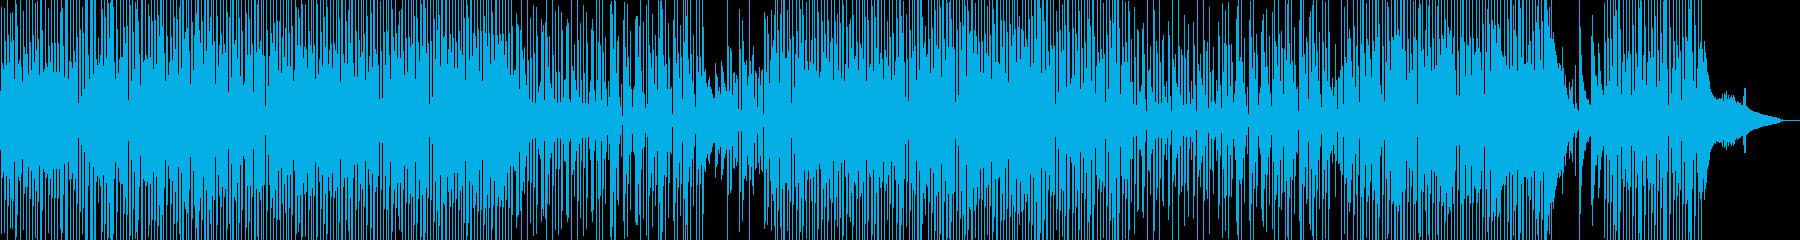 ウクレレ・軽快・ほのぼの作品に 長尺の再生済みの波形